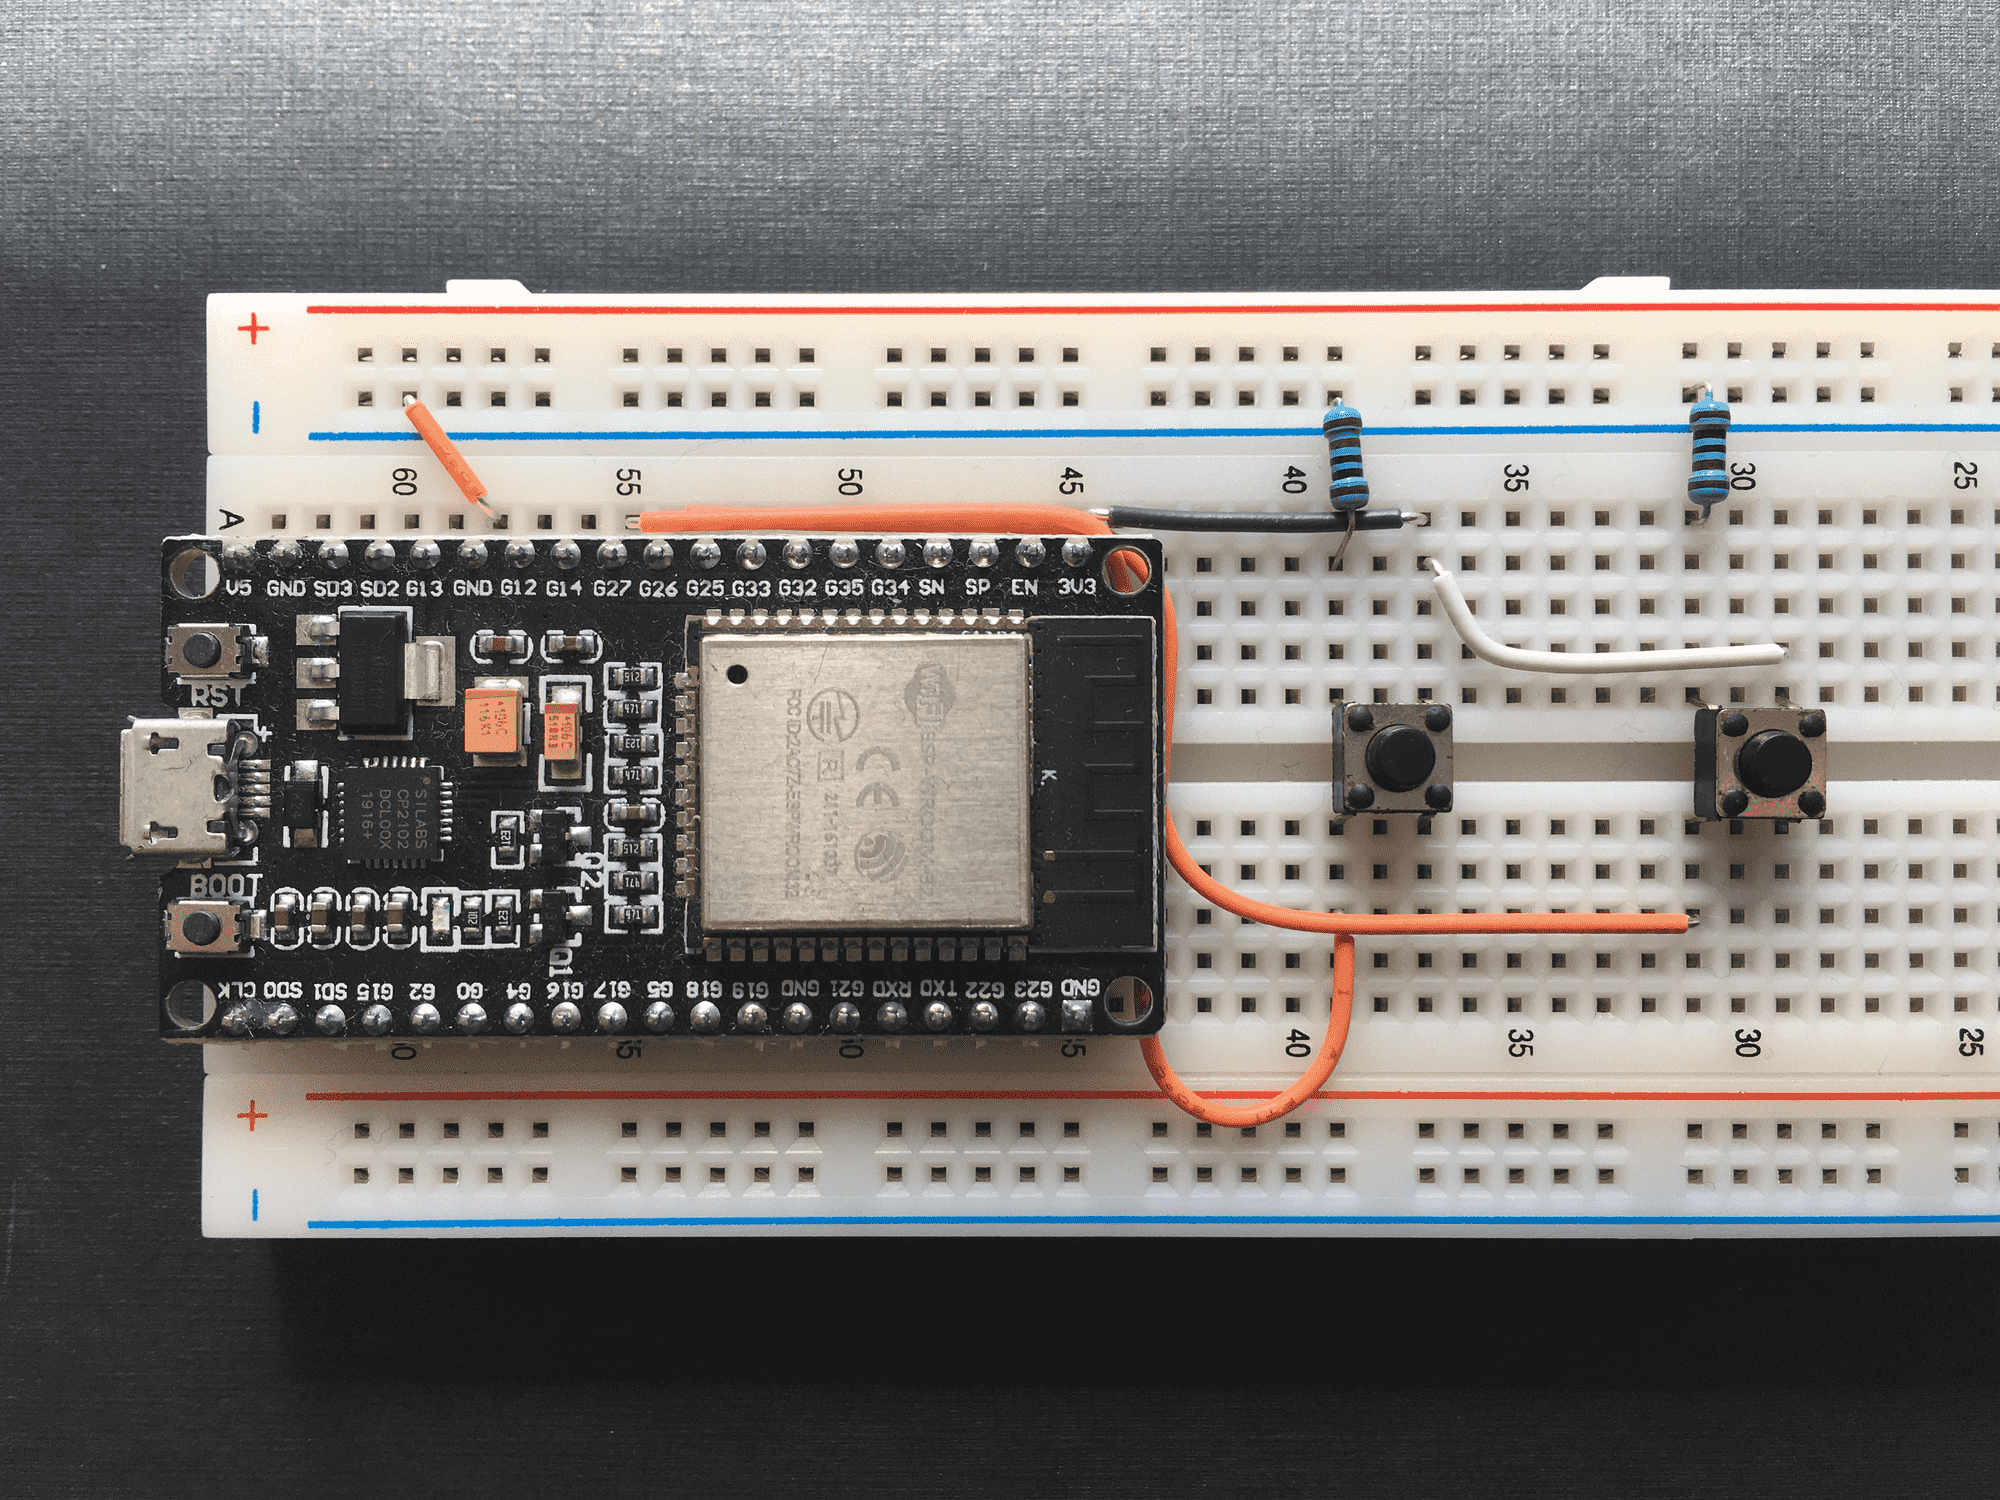 Final protoype assembly